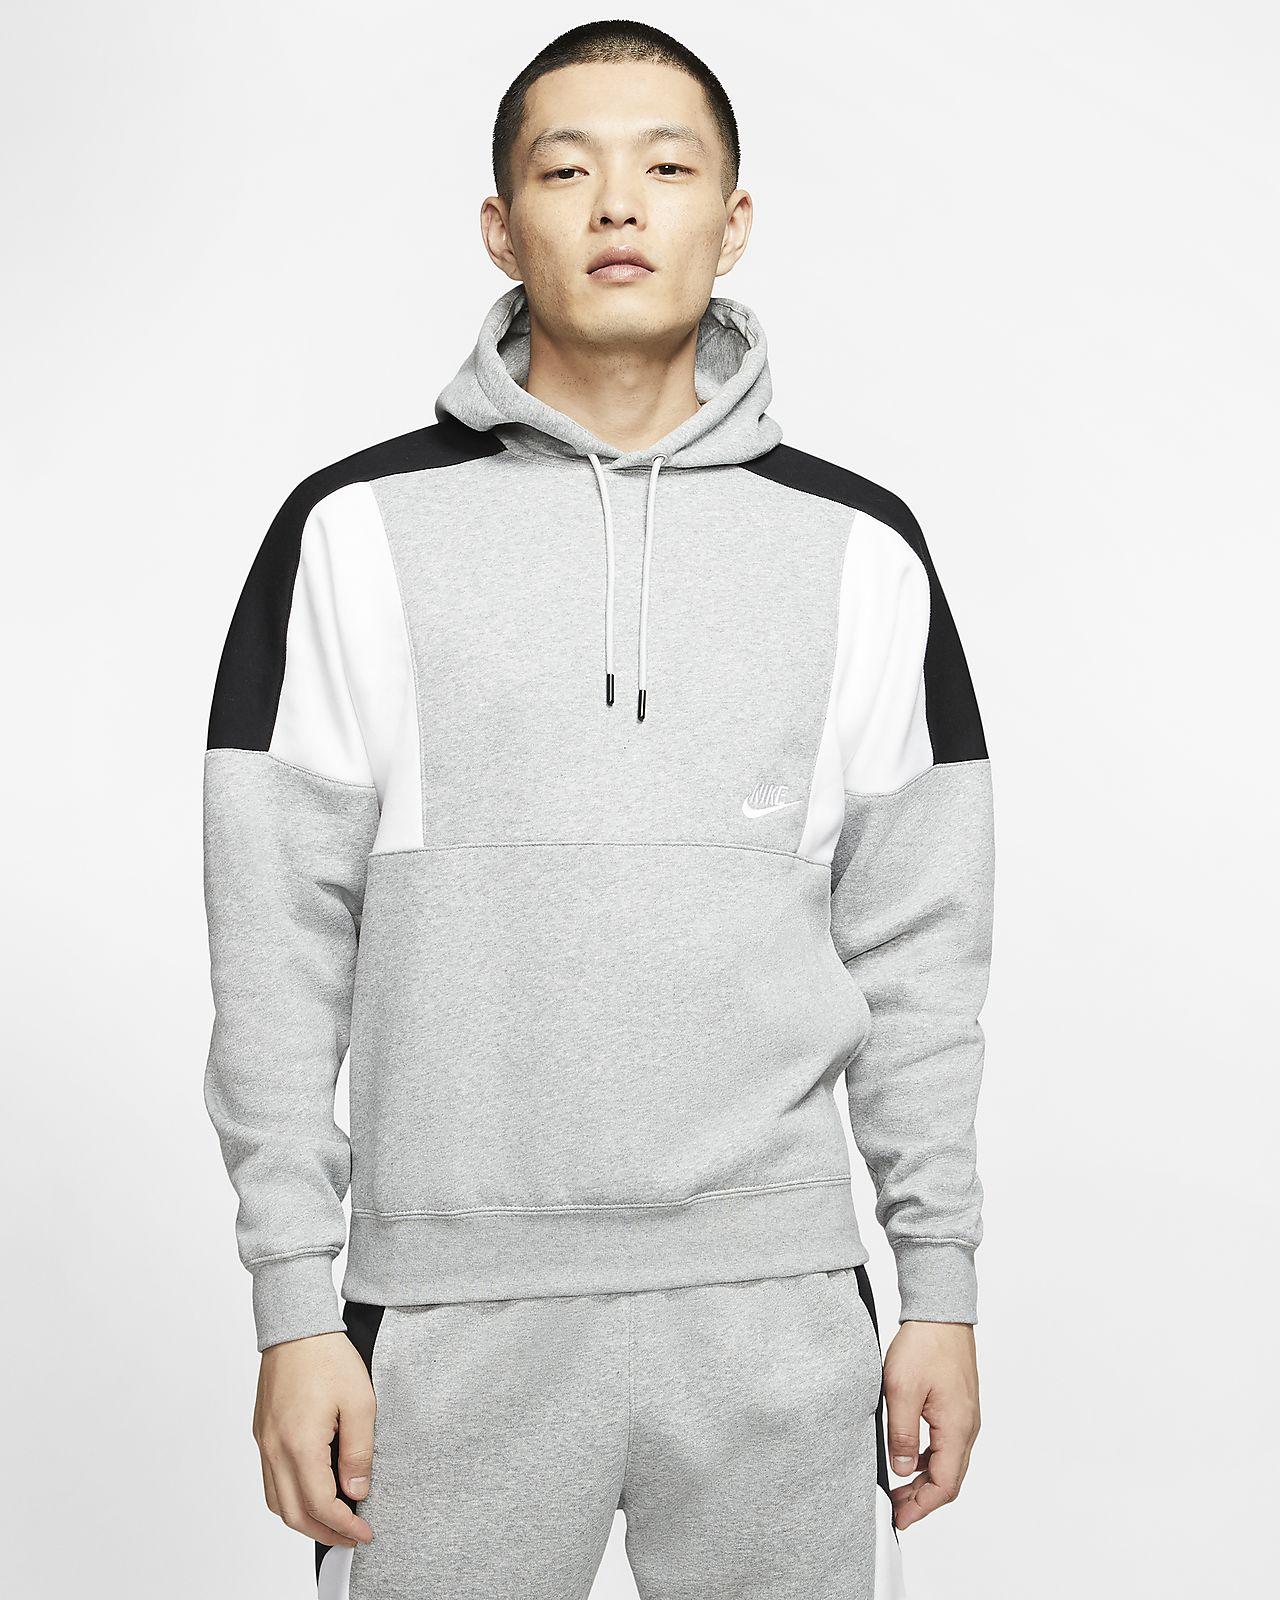 Huvtröja Nike Sportswear med färgblock